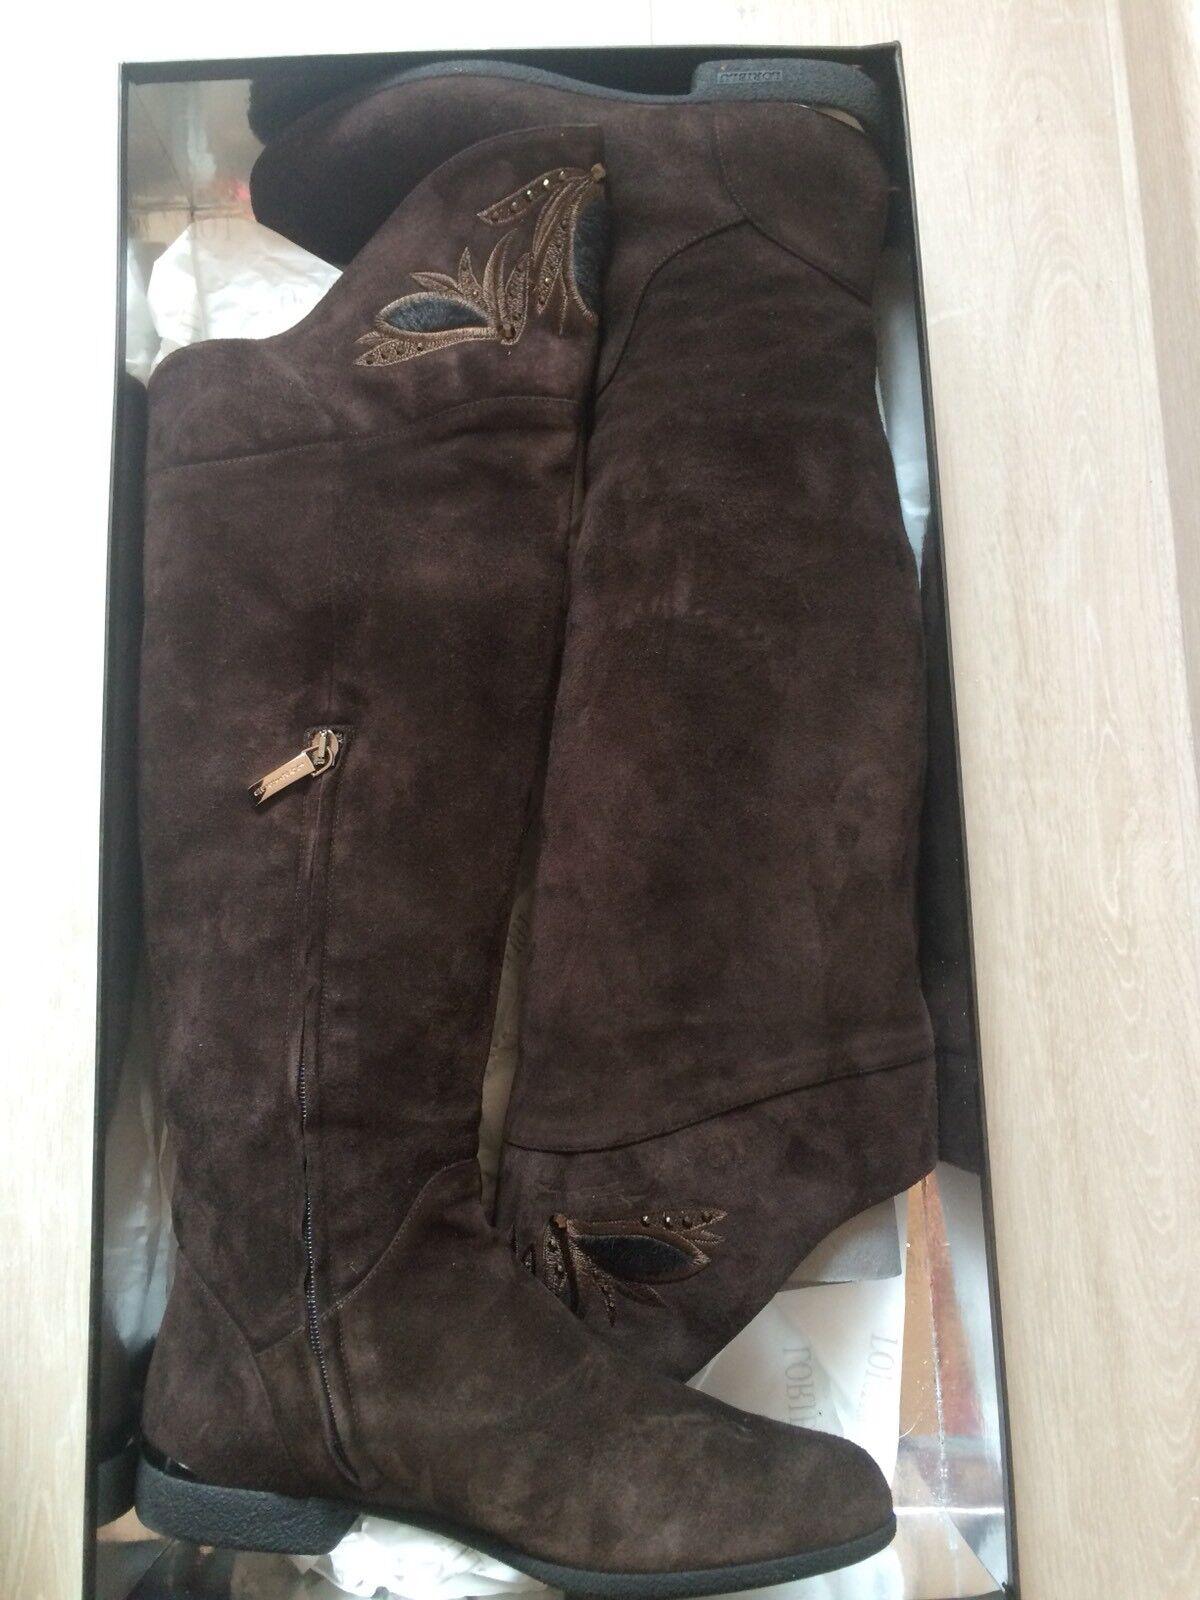 Loriblu botas, gamuza-cuero, marrón oscuro, como nuevo